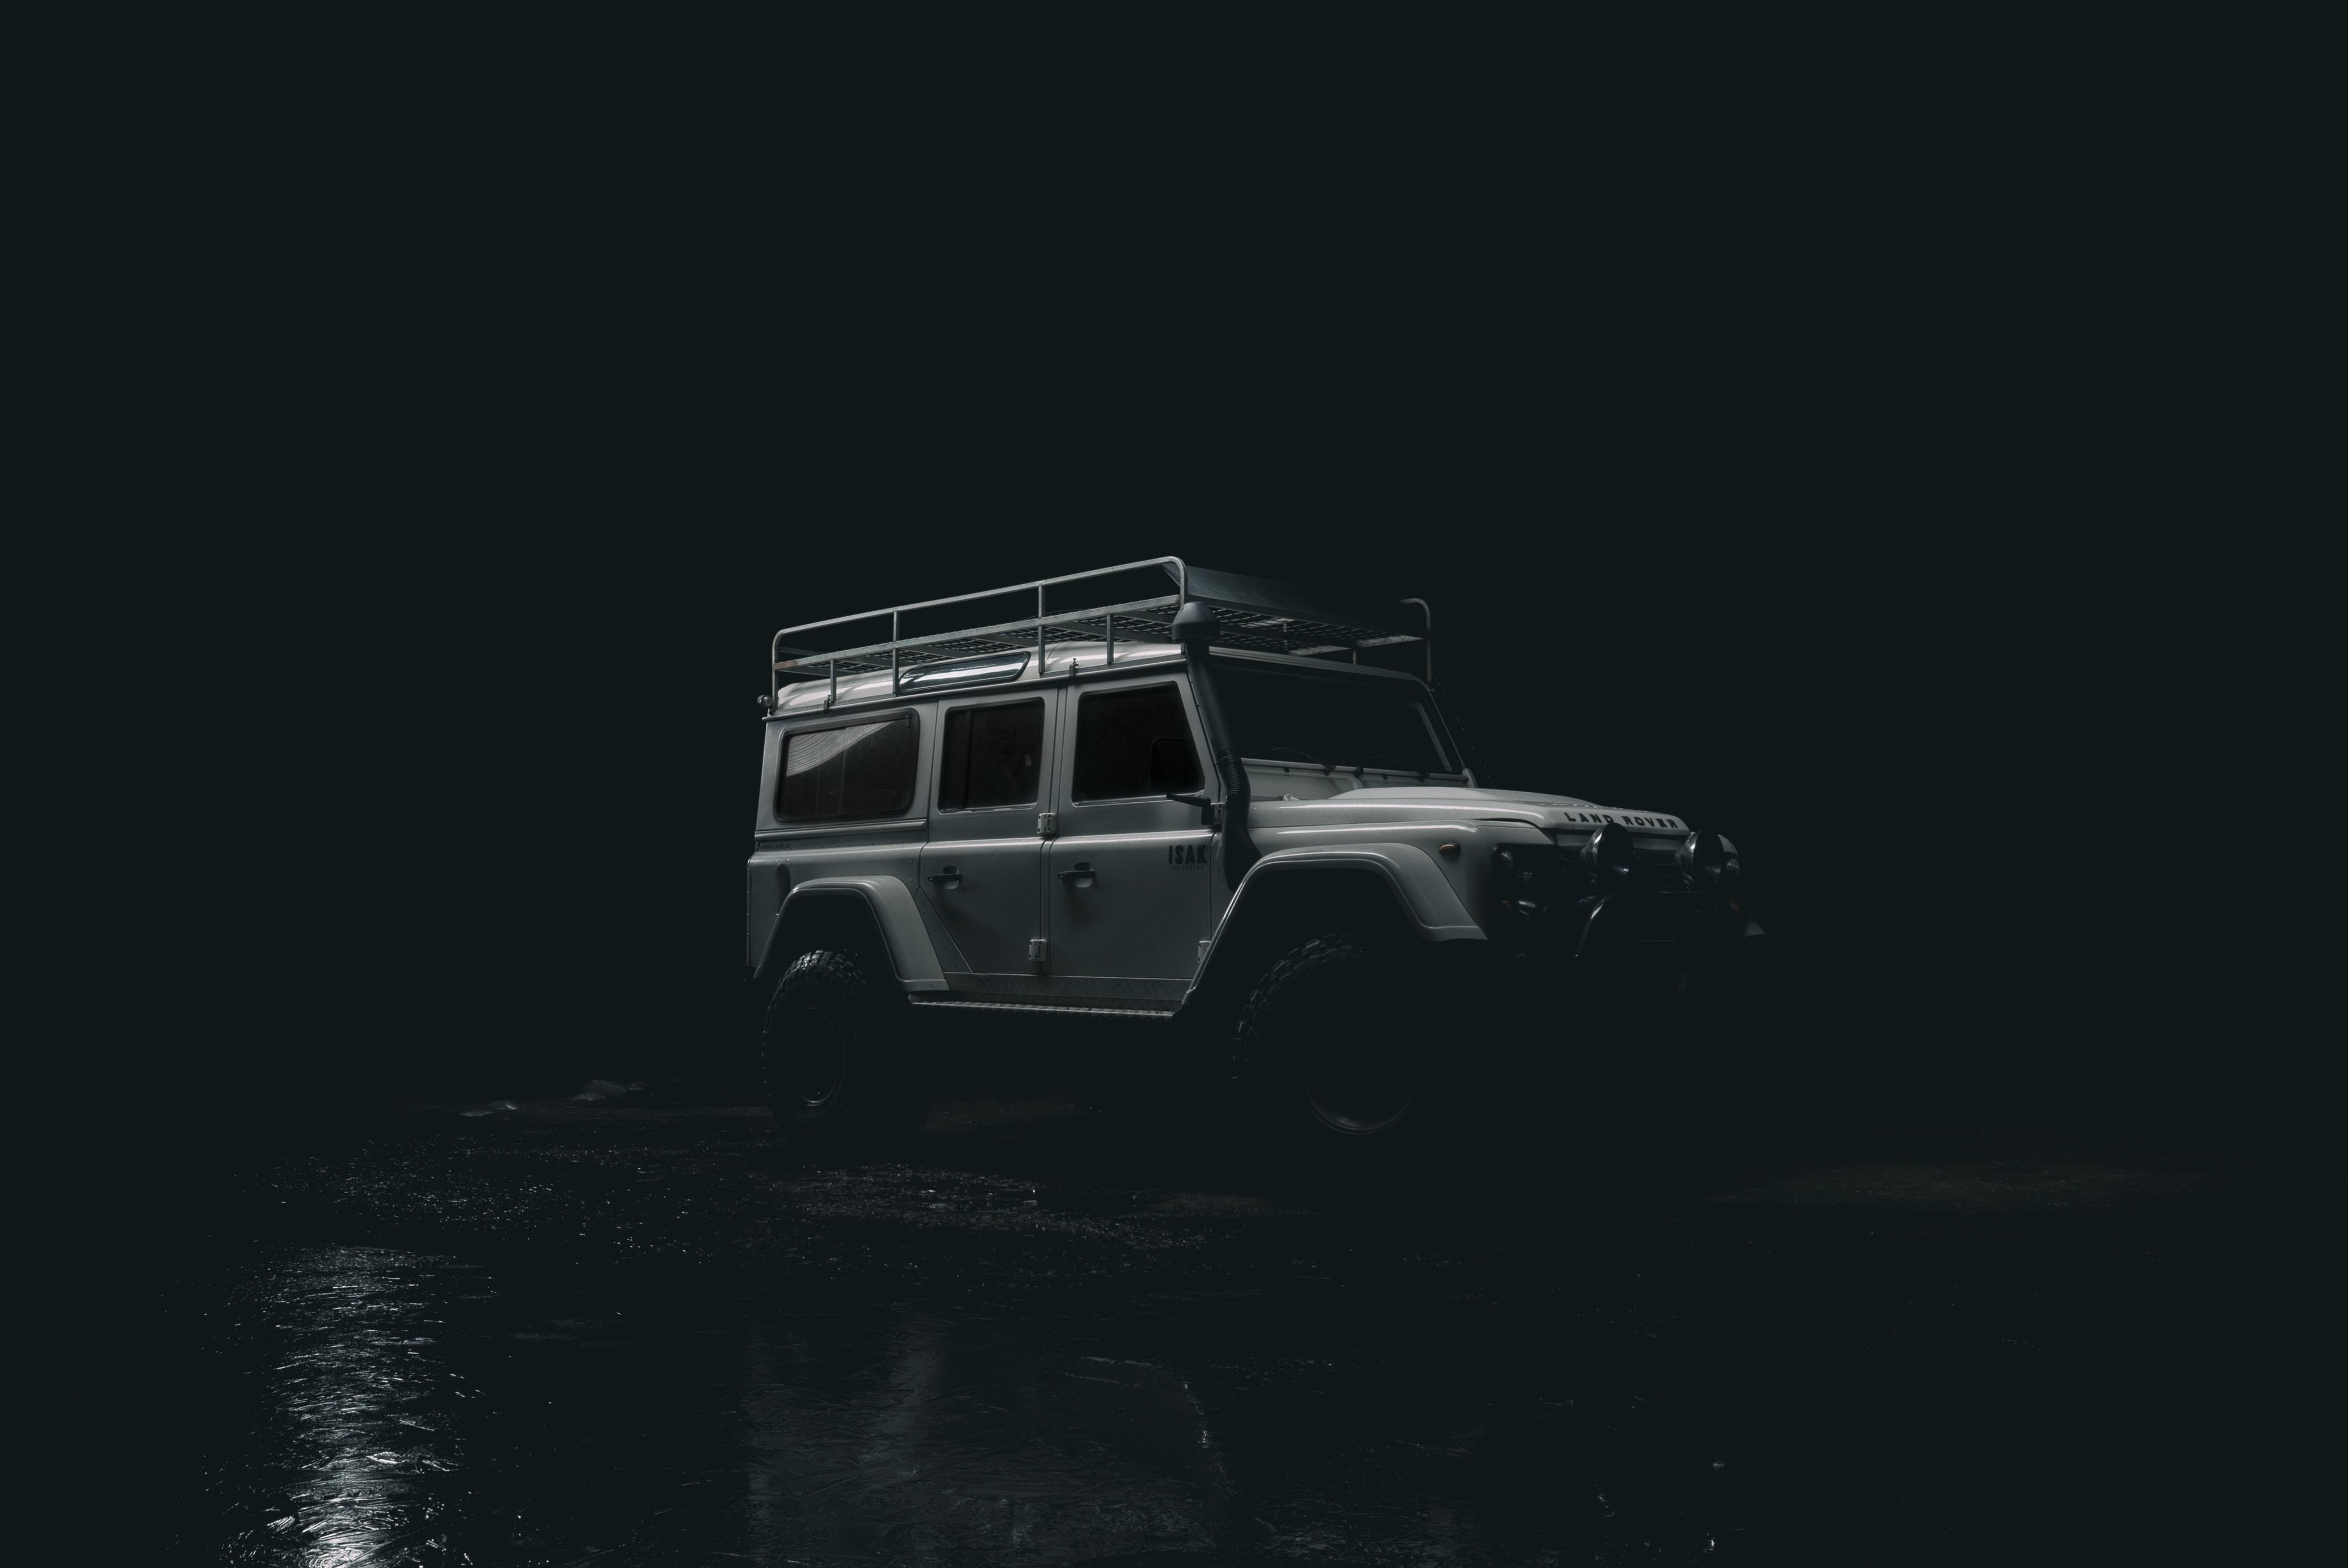 grey Mercedes-Benz G-Class during nighttime